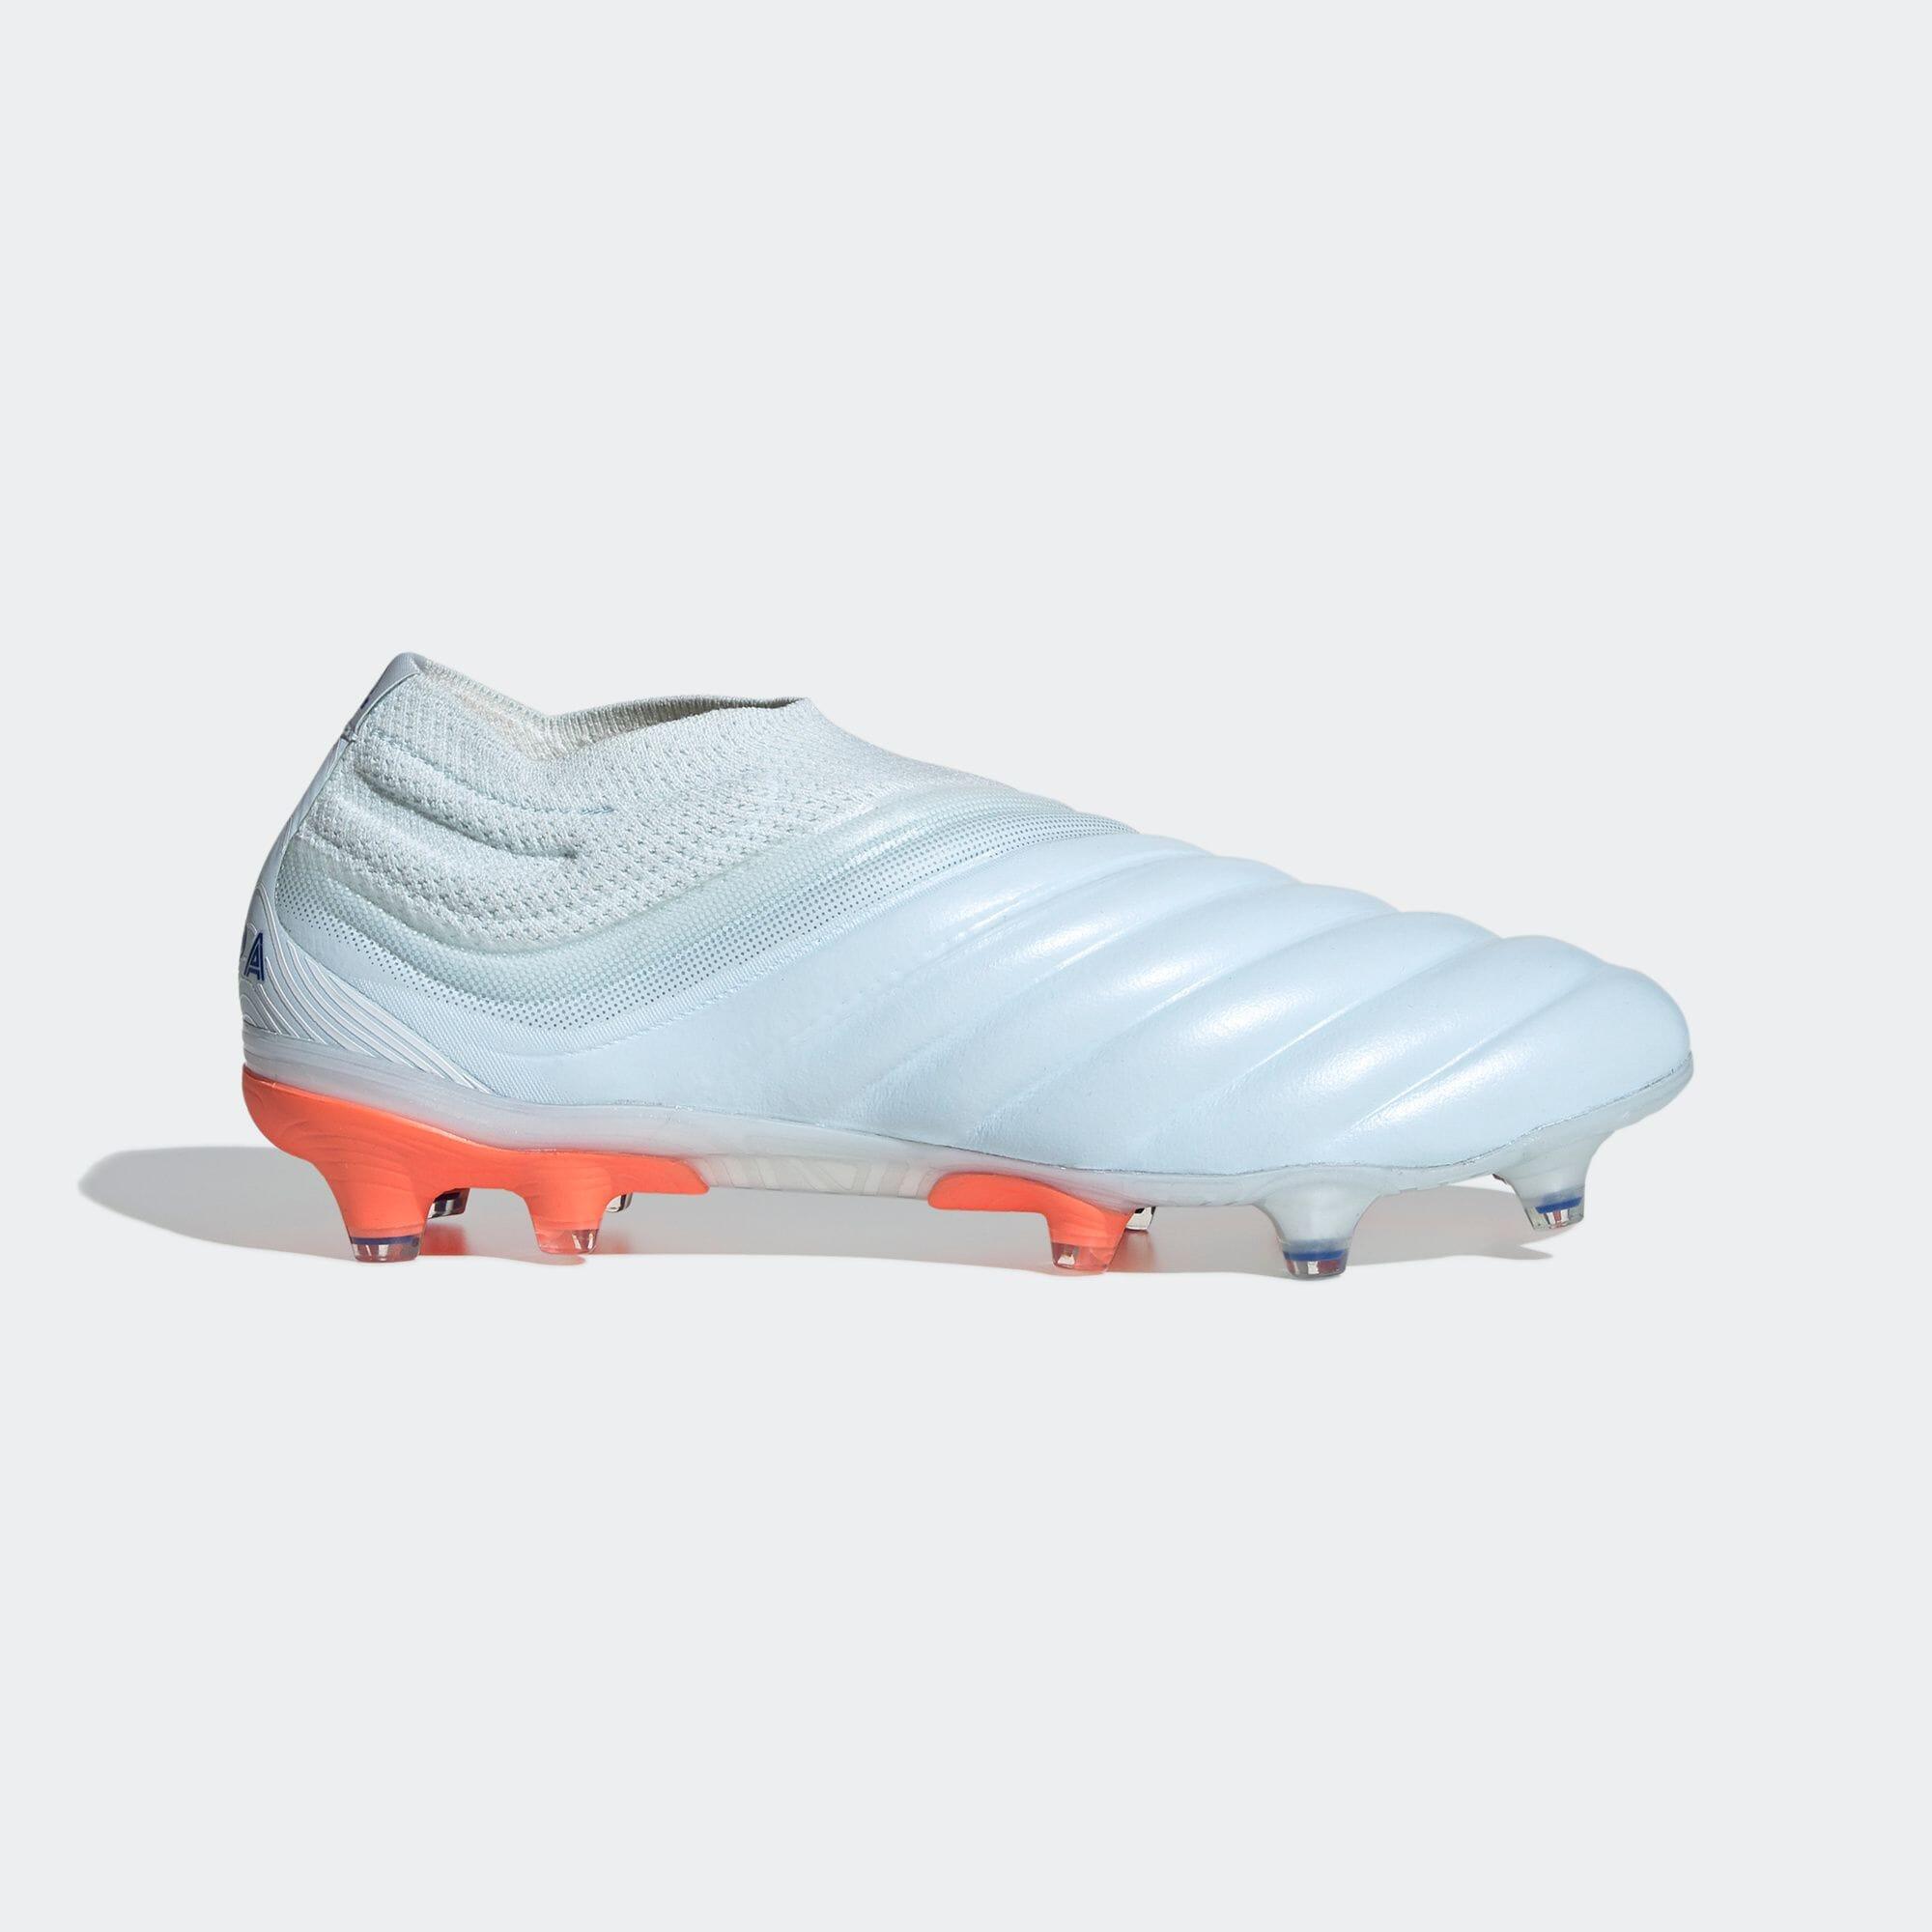 コパ 20+ FG / 天然芝用 / Copa 20+ Firm Ground Boots